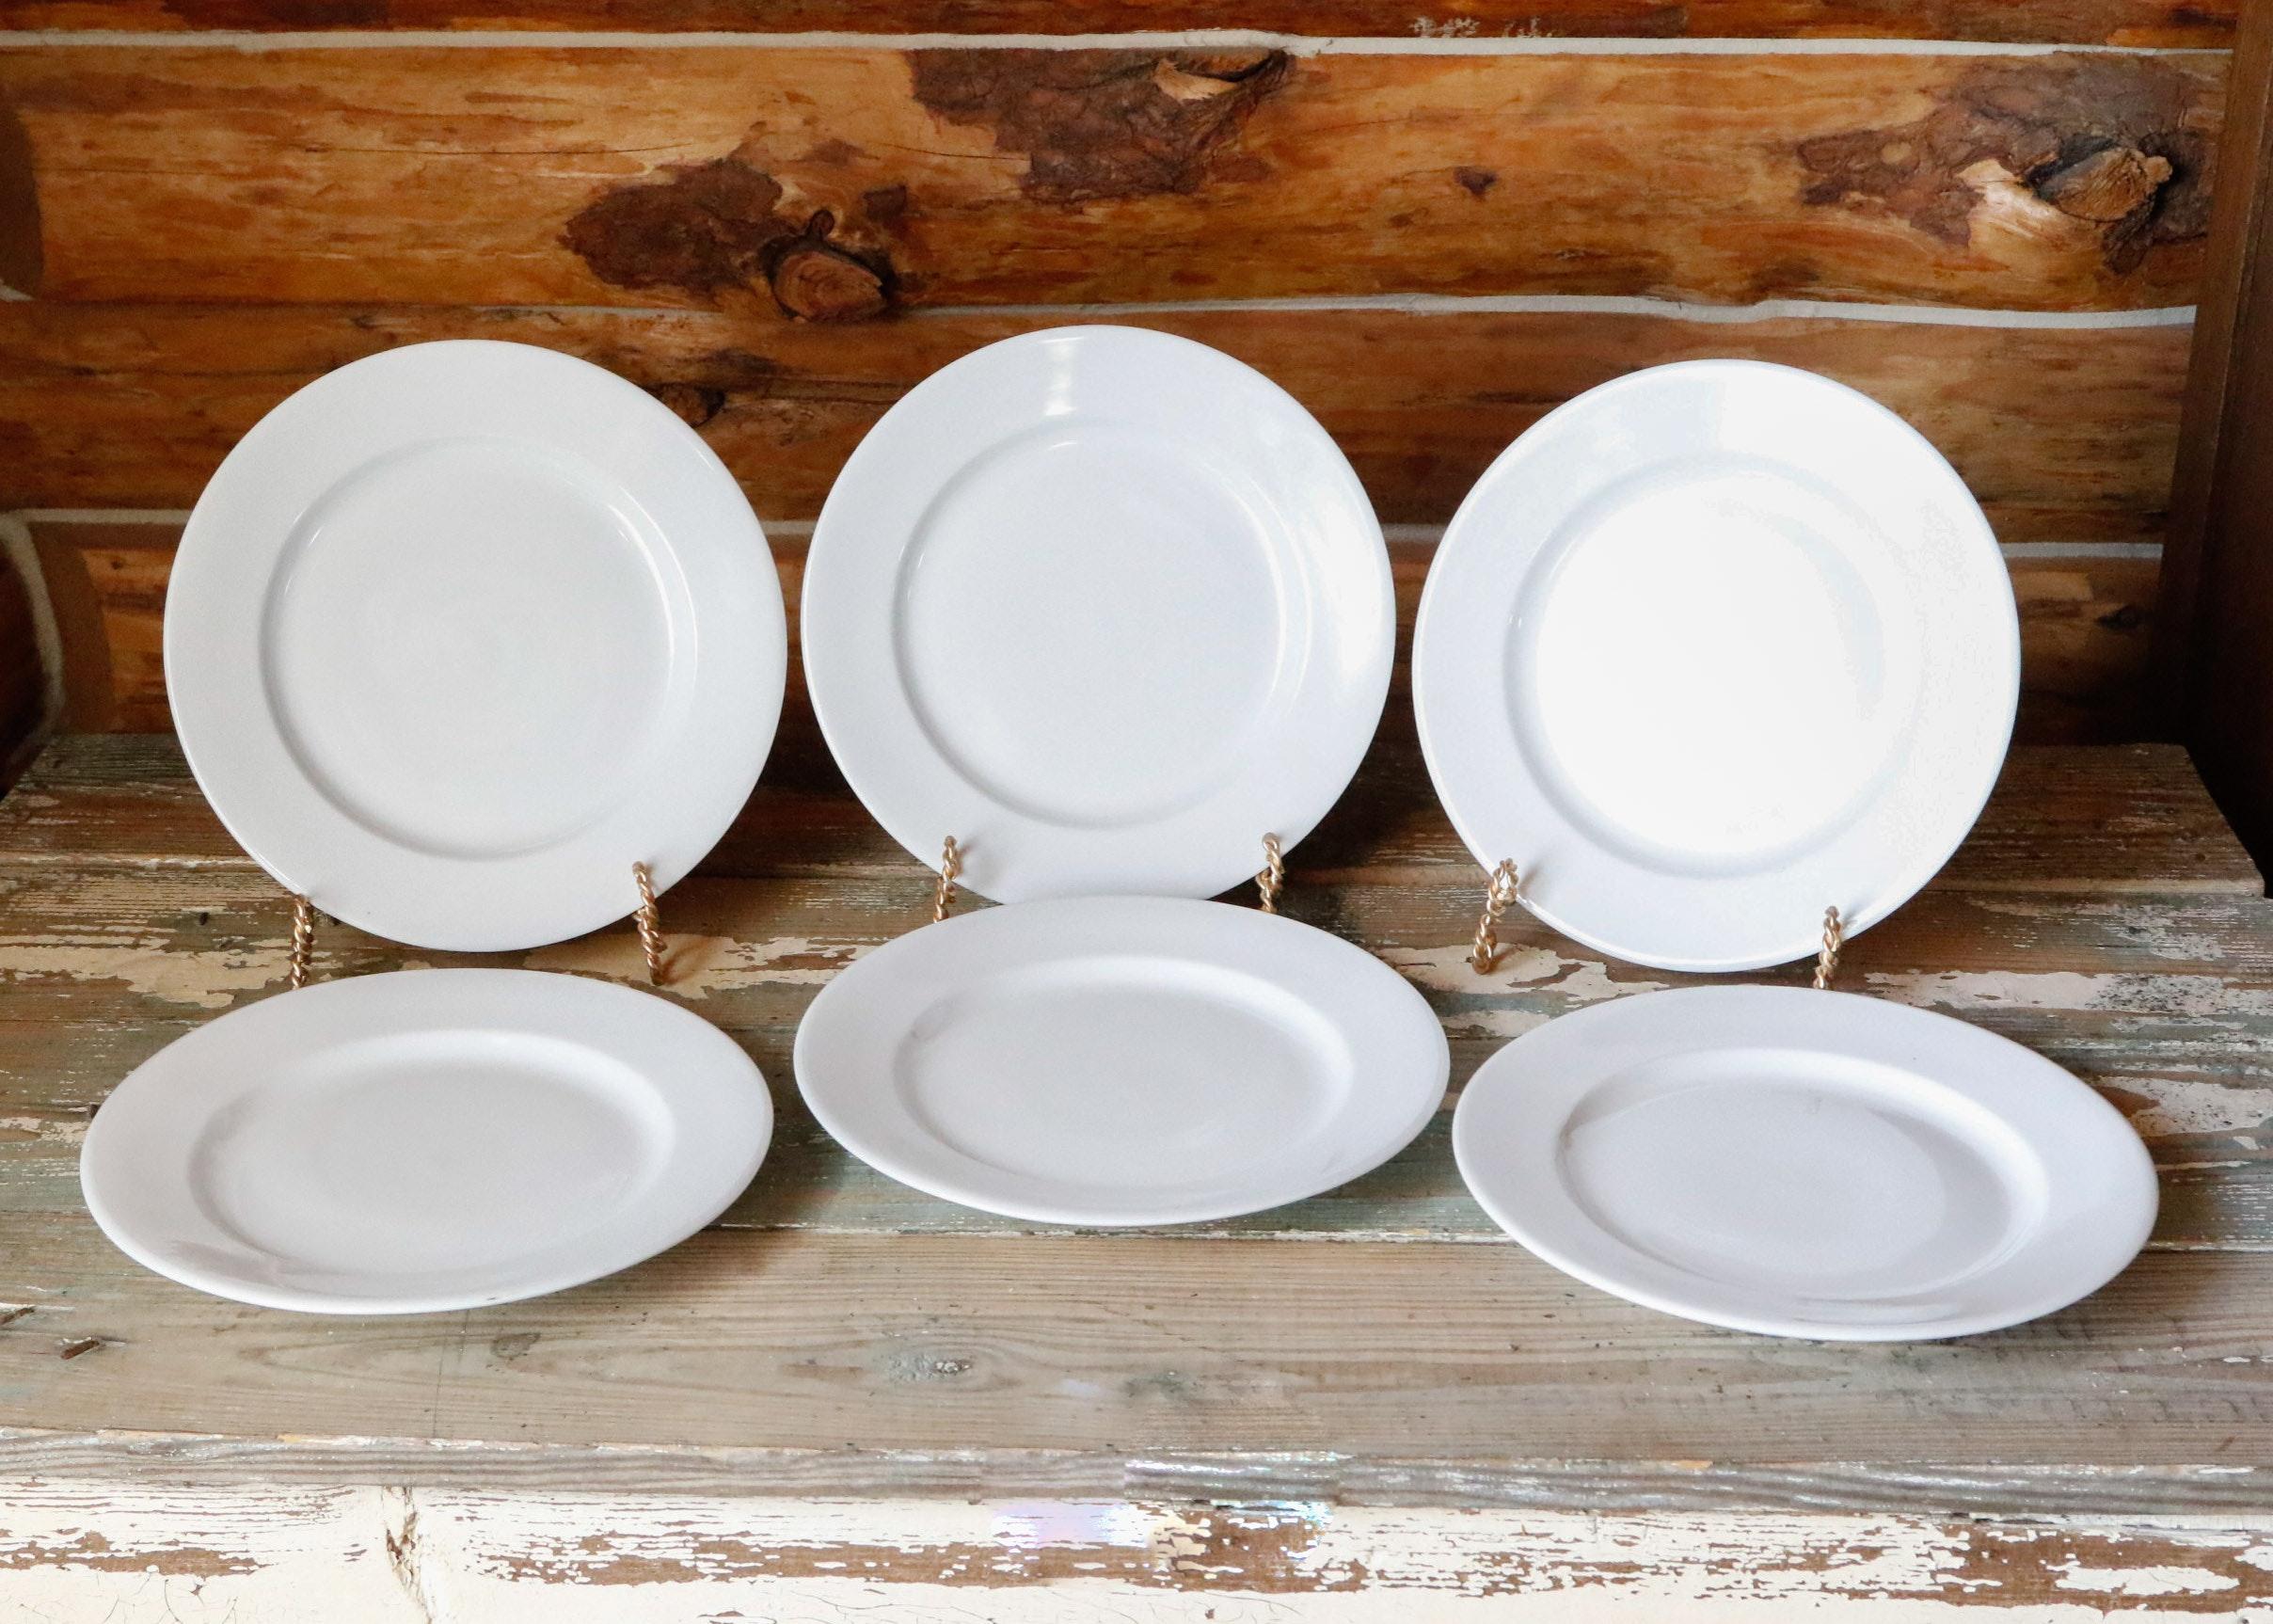 Six Delco Ceramicor Porcelain Dinner Plates ... & Six Delco Ceramicor Porcelain Dinner Plates : EBTH